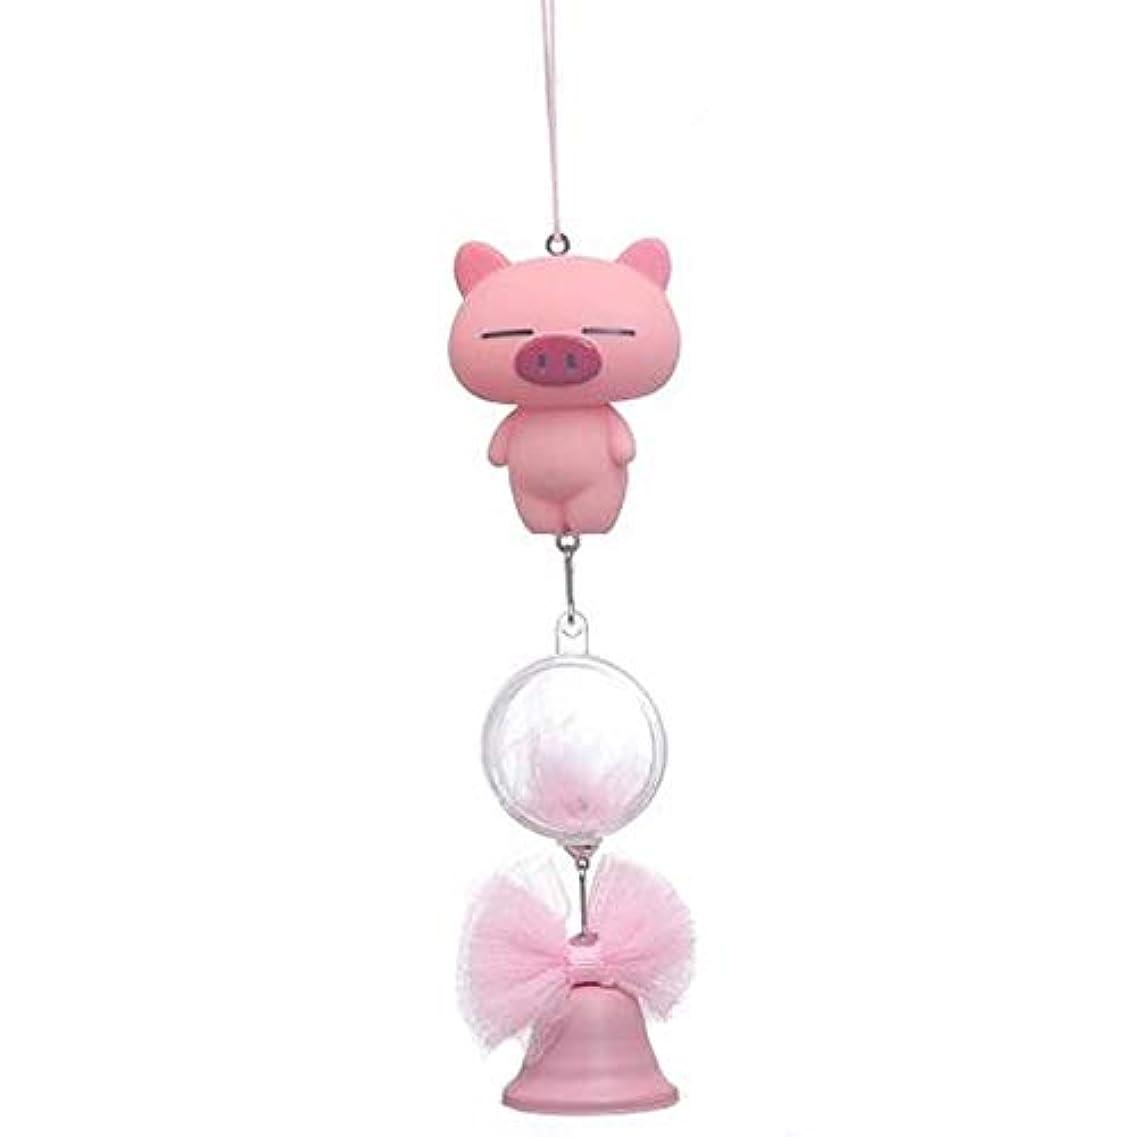 シャットネクタイボイラーGaoxingbianlidian001 風チャイム、シリコーン素材クリエイティブ豚の風チャイム、パープル、全身について27cmの,楽しいホリデーギフト (Color : Pink)